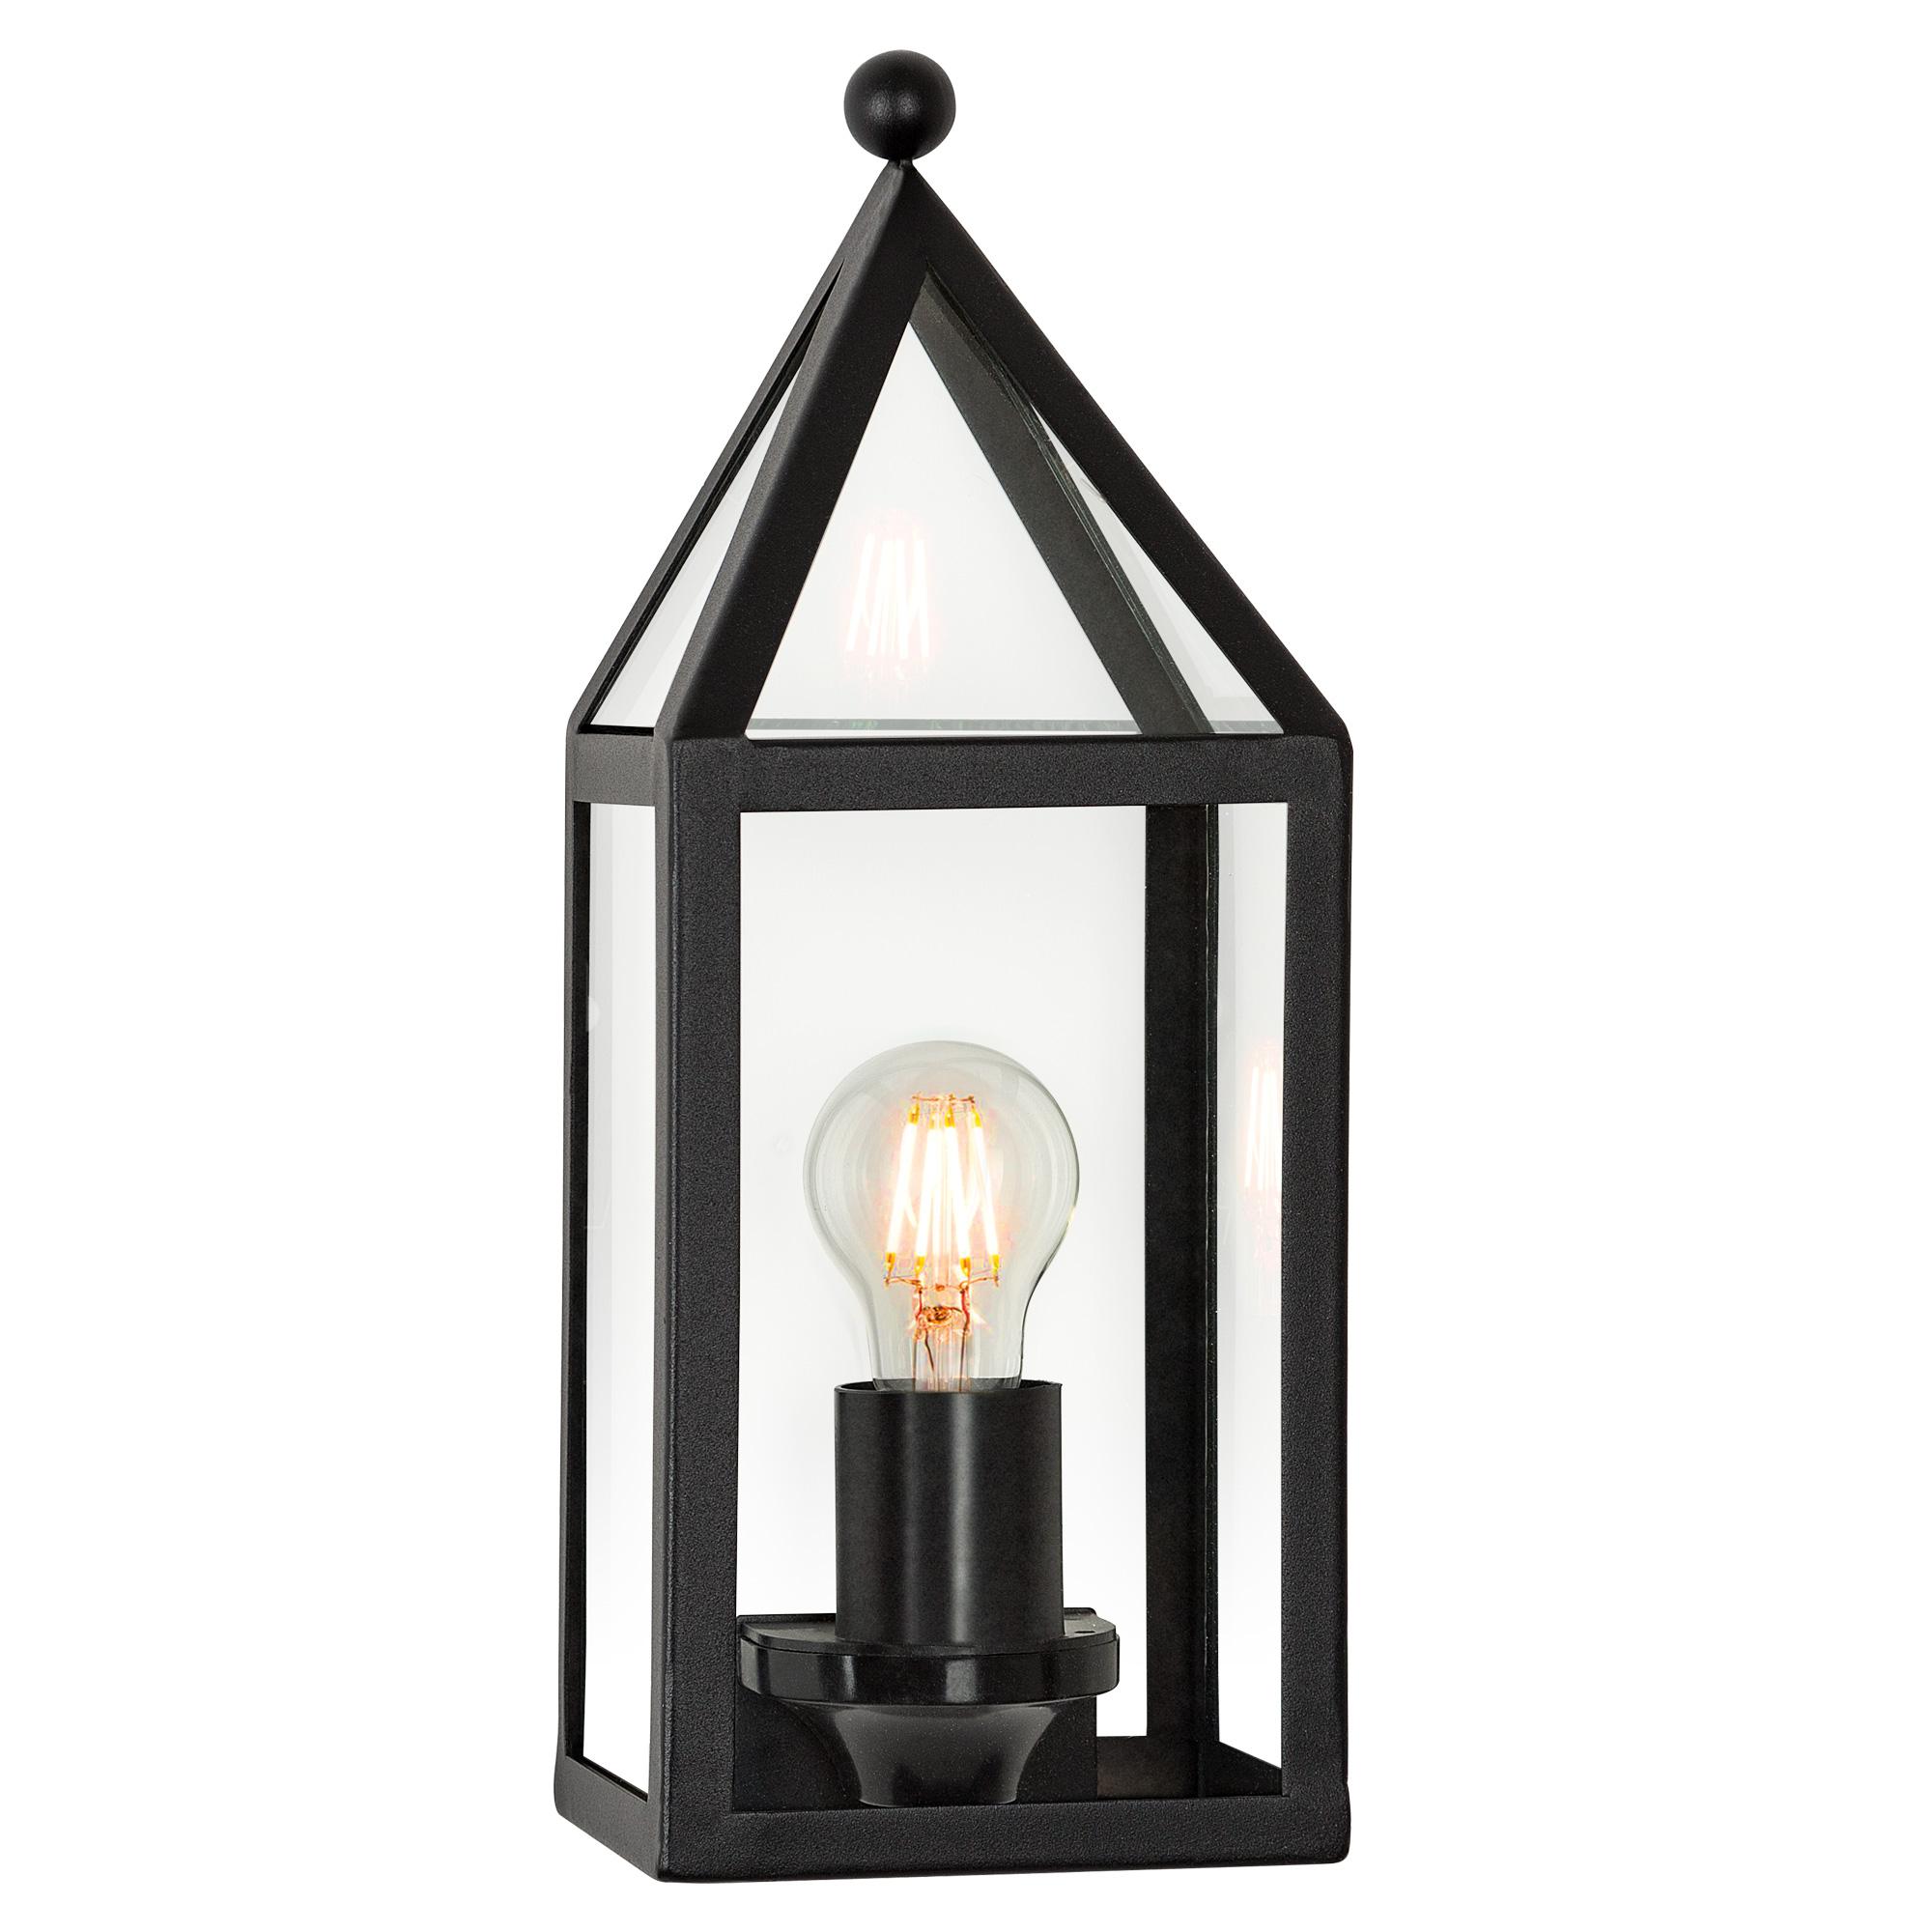 Buitenlamp Muiden Zwart Wandlamp Plat